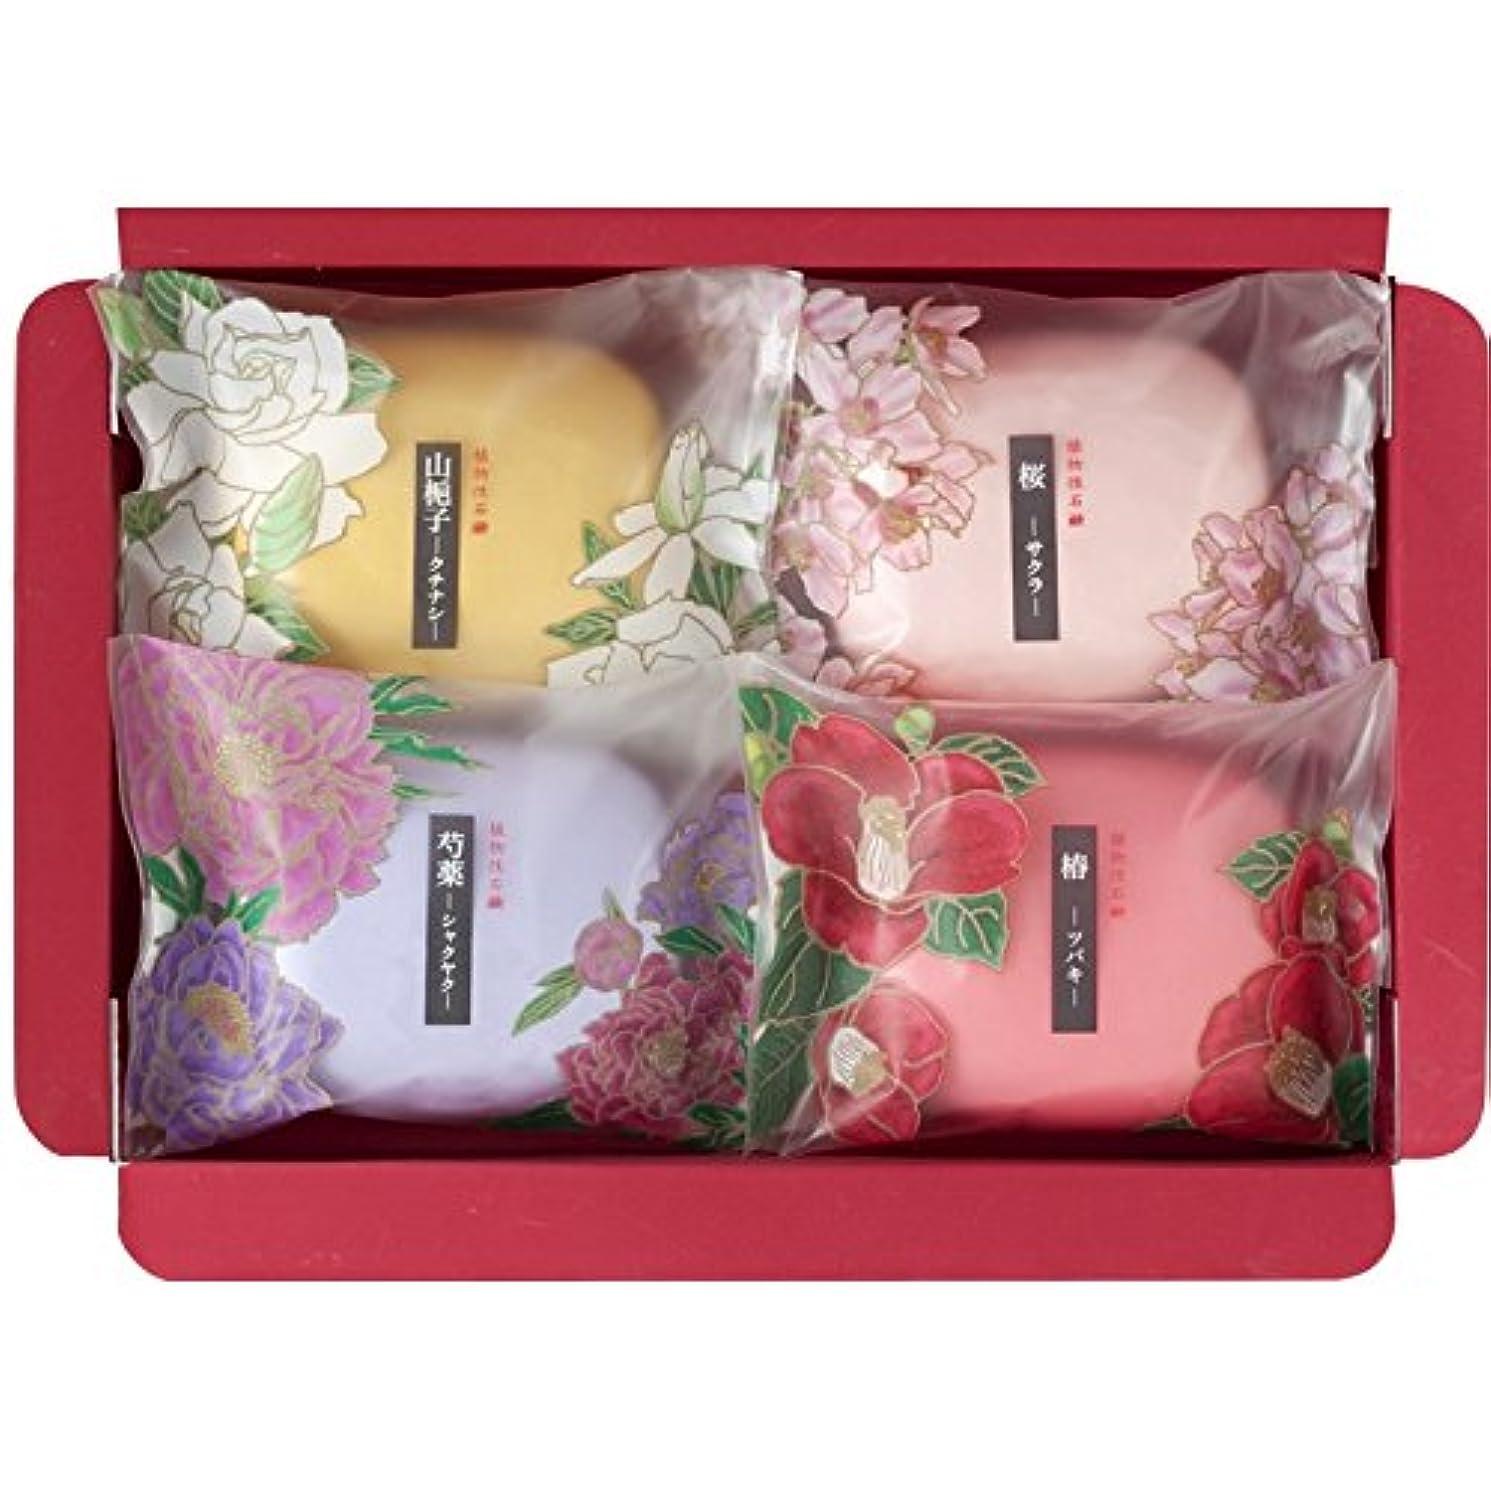 潤滑するロードハウス扇動する彩花だより 【固形 ギフト せっけん あわ いい香り いい匂い うるおい プレゼント お風呂 かおり からだ きれい つめあわせ 日本製 国産 500】